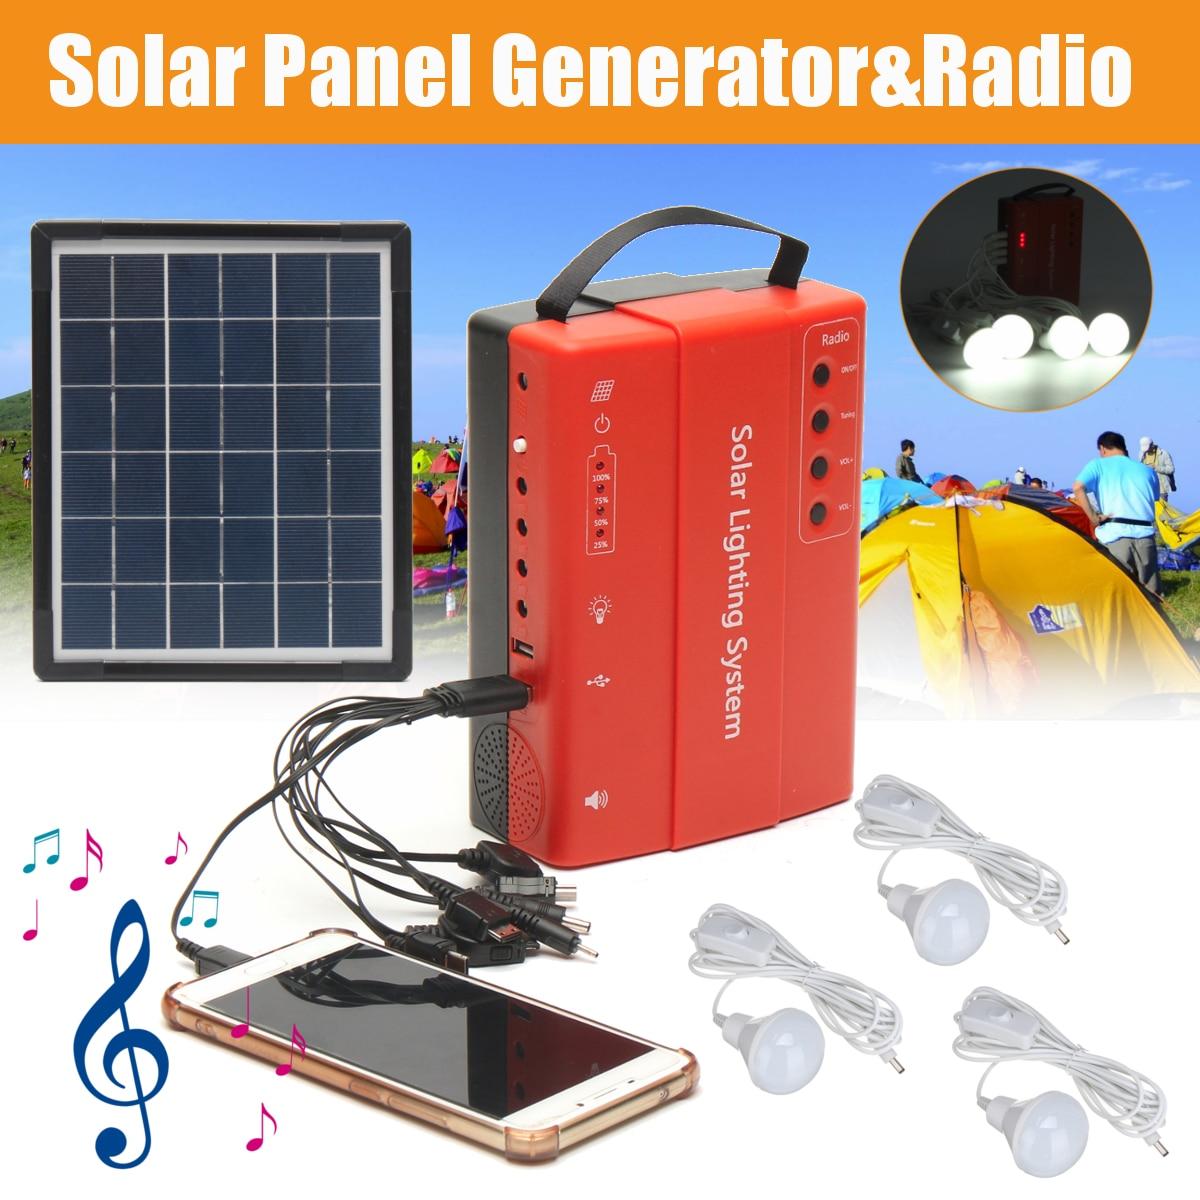 Здесь продается  Solar Panel Power Storage Generator System LED Light USB Charger Portable Home Outdoor LED Lighting System  Support FM Radio  Электротехническое оборудование и материалы